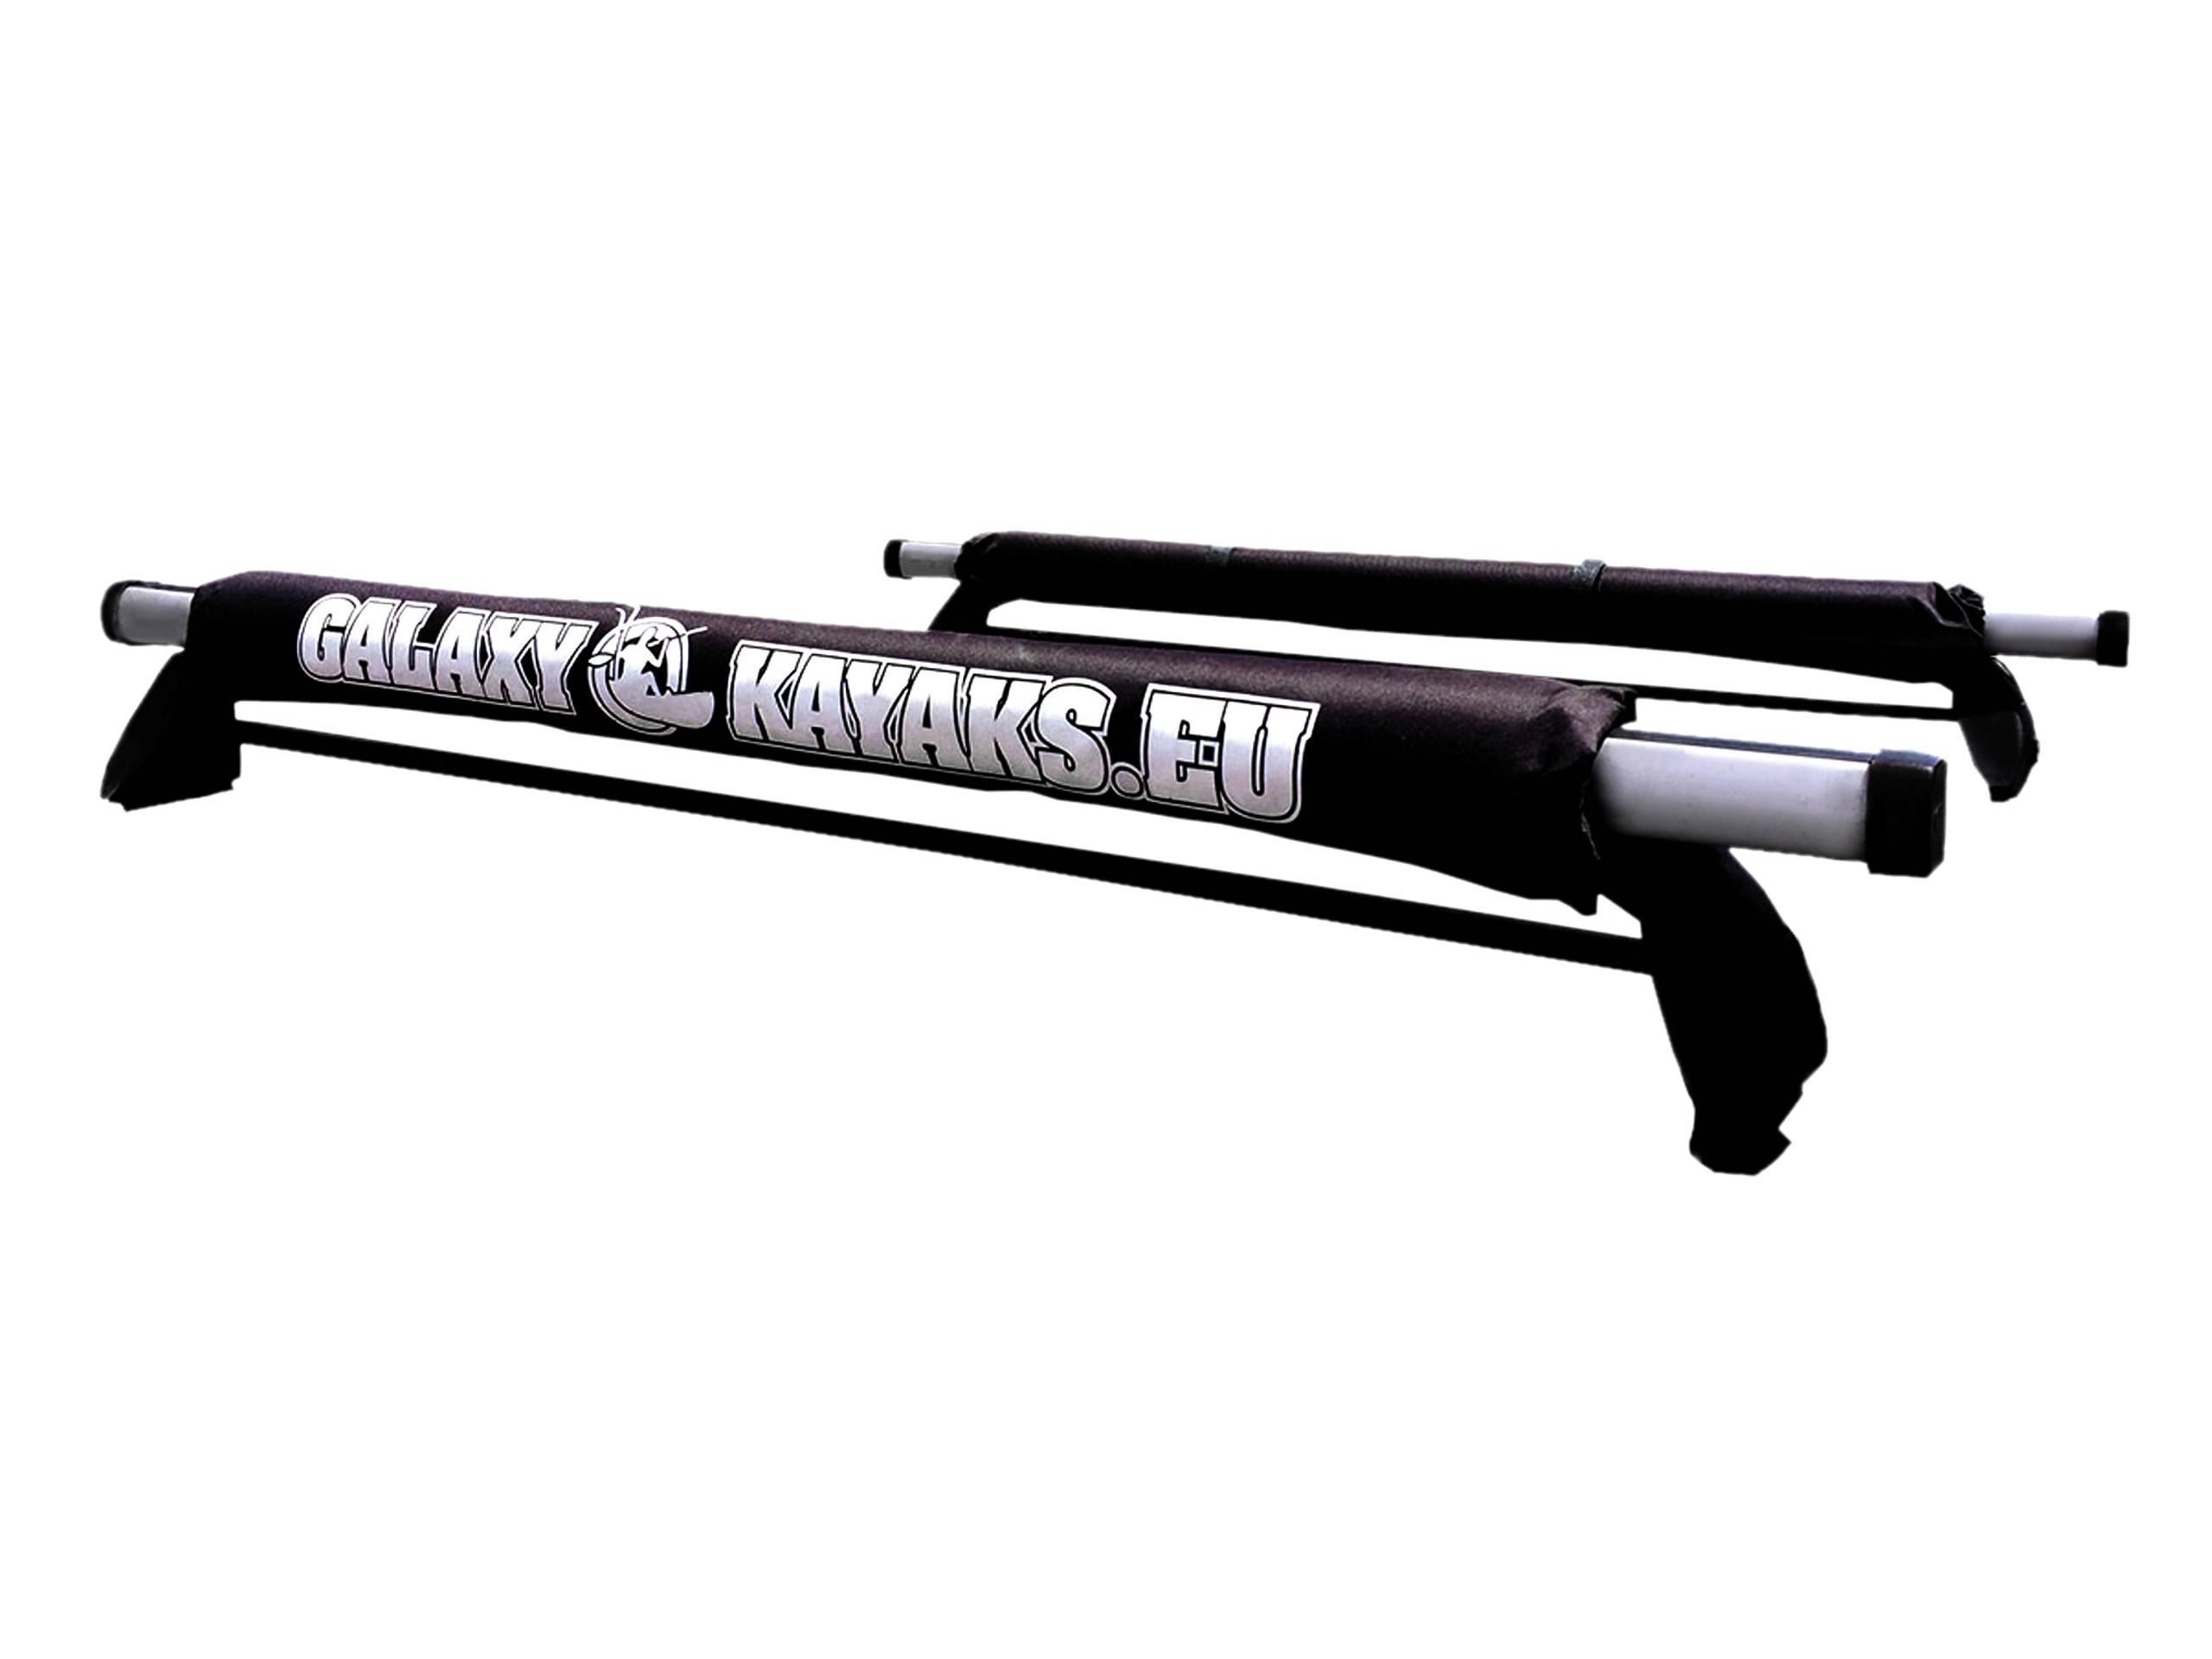 Schützer für Dachträger Galaxy Kayaks